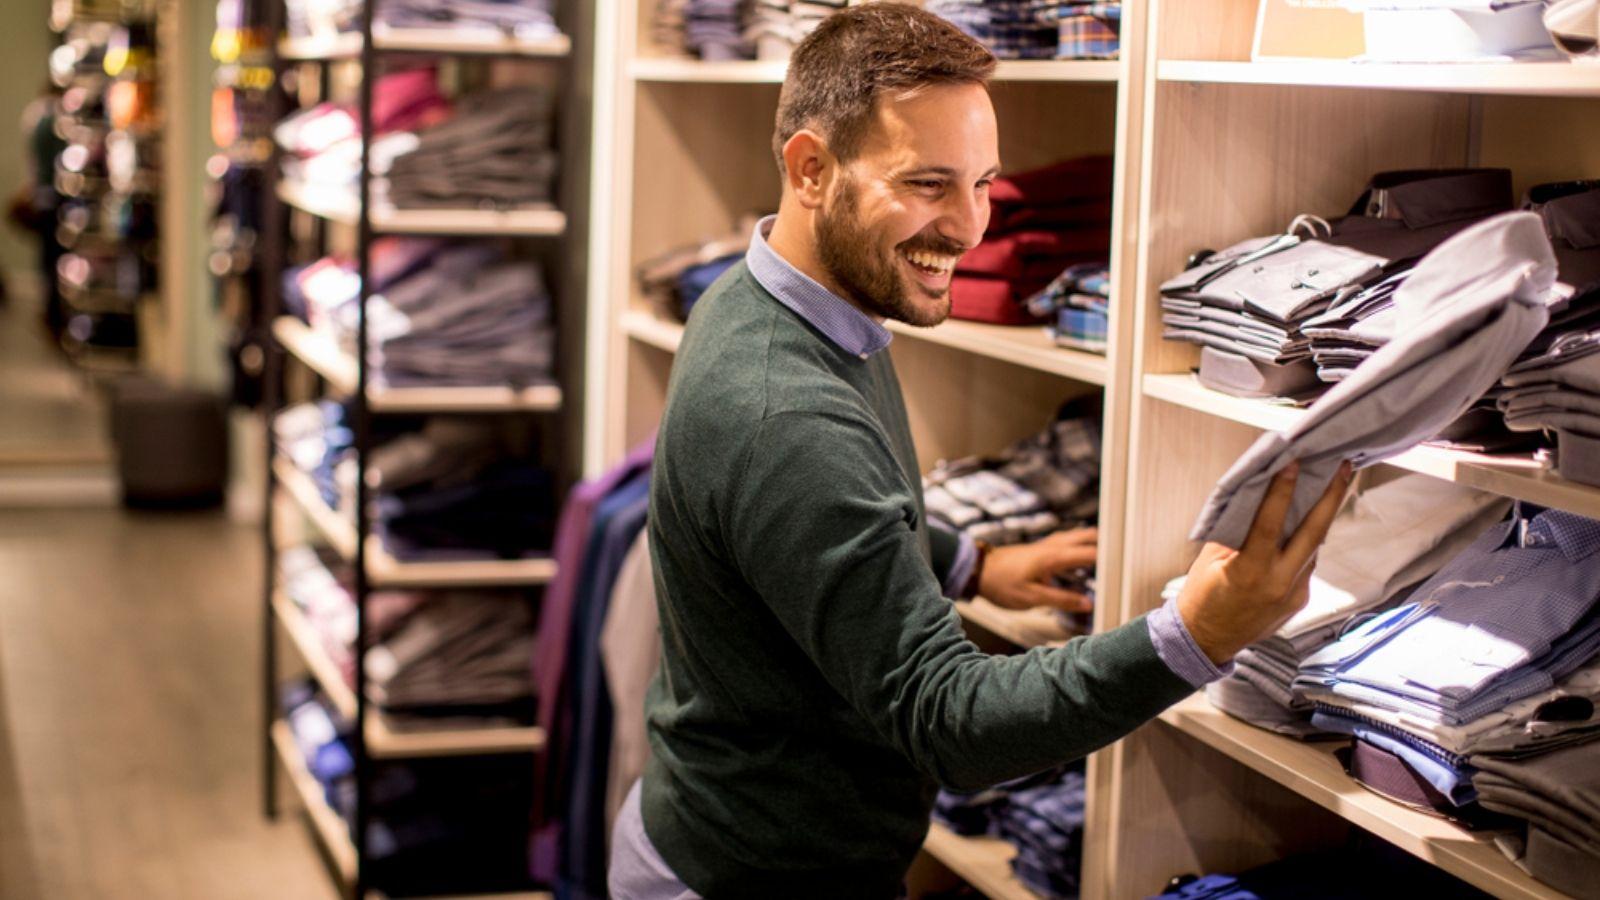 إليك أيها الرجل 4 نصائح لشراء الملابس الخريفية Buy Clothes Clothing Store Photo Editing